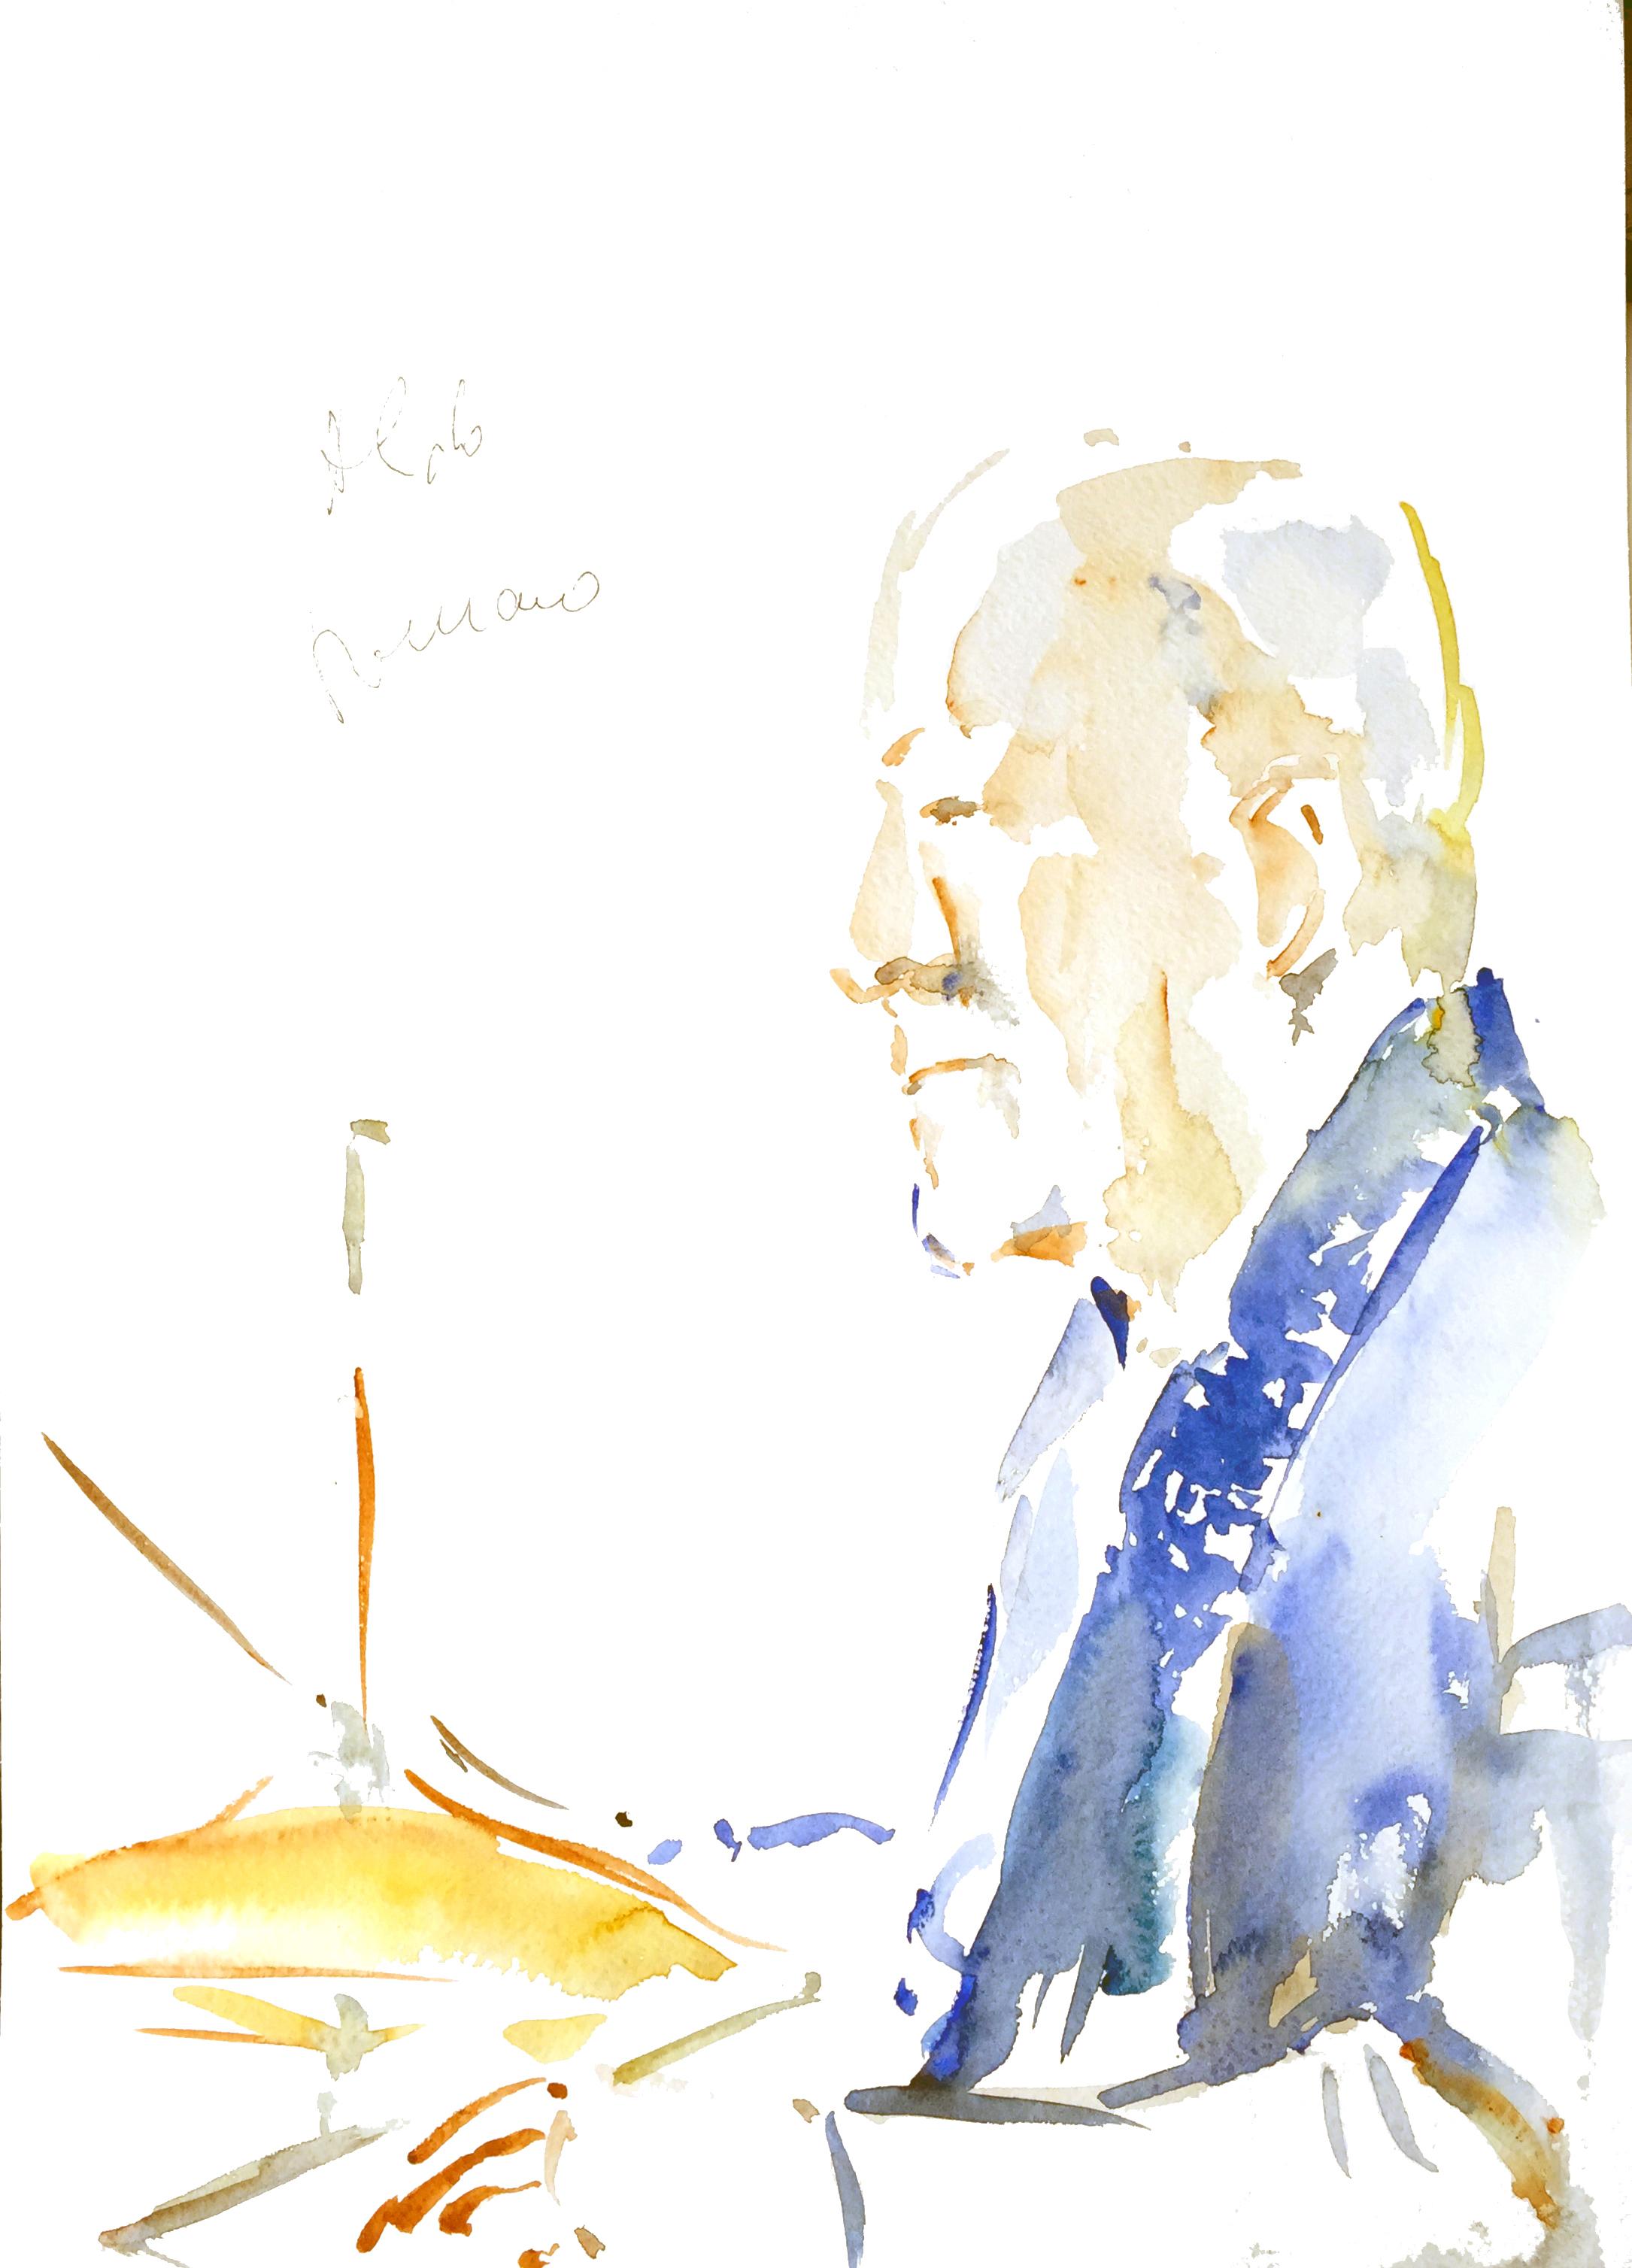 Aldo Romano - Palatino